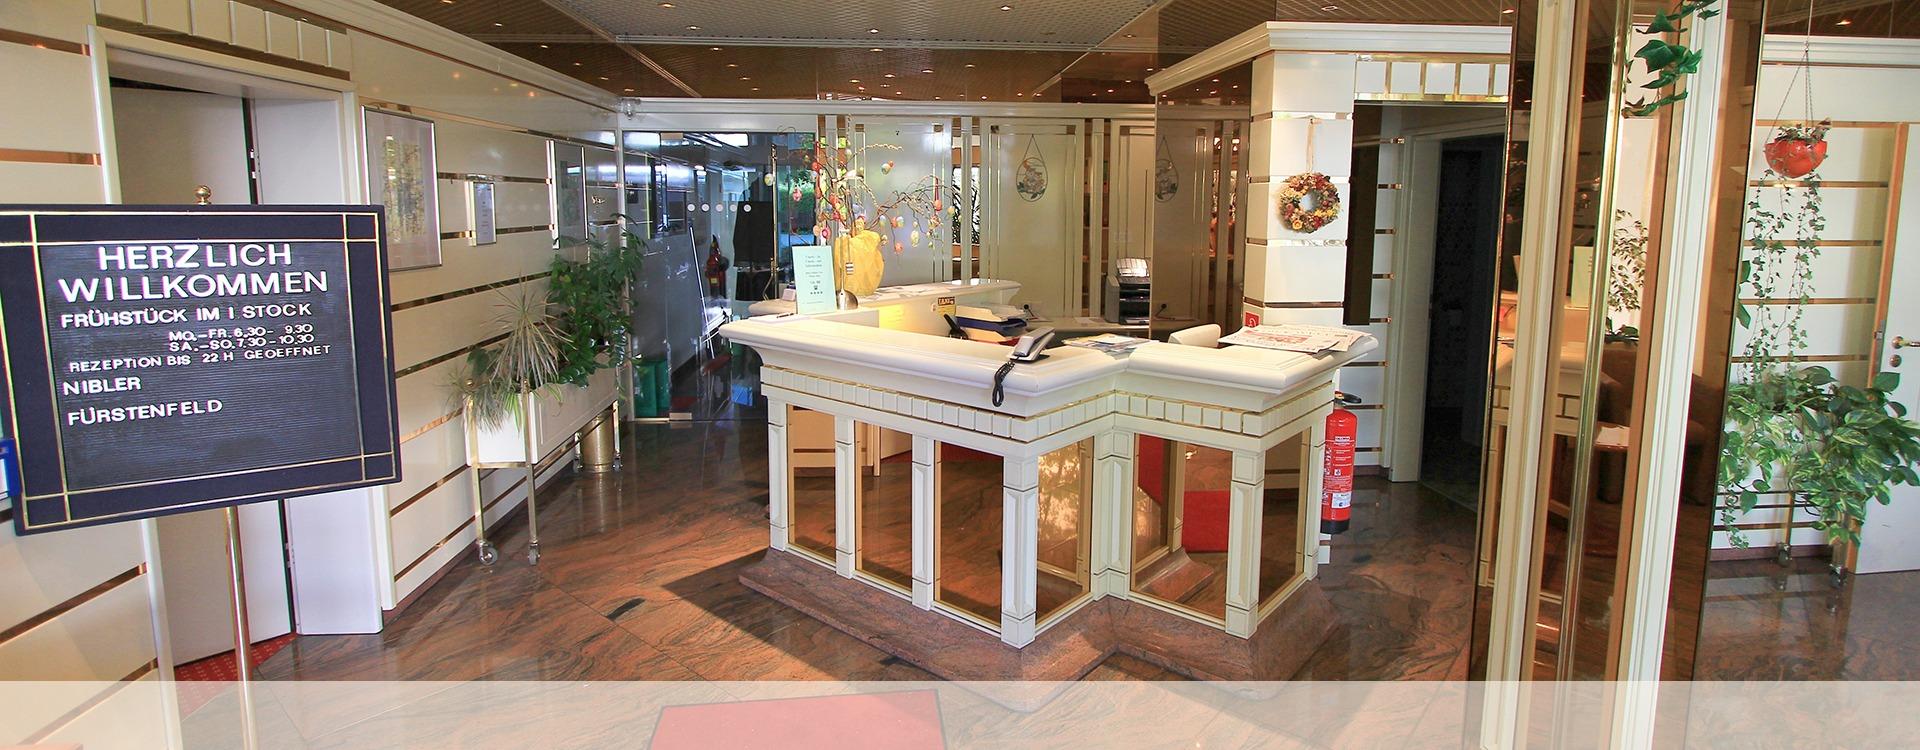 Hotelrezeption im Hotel Villa Eichenau, Tagungen